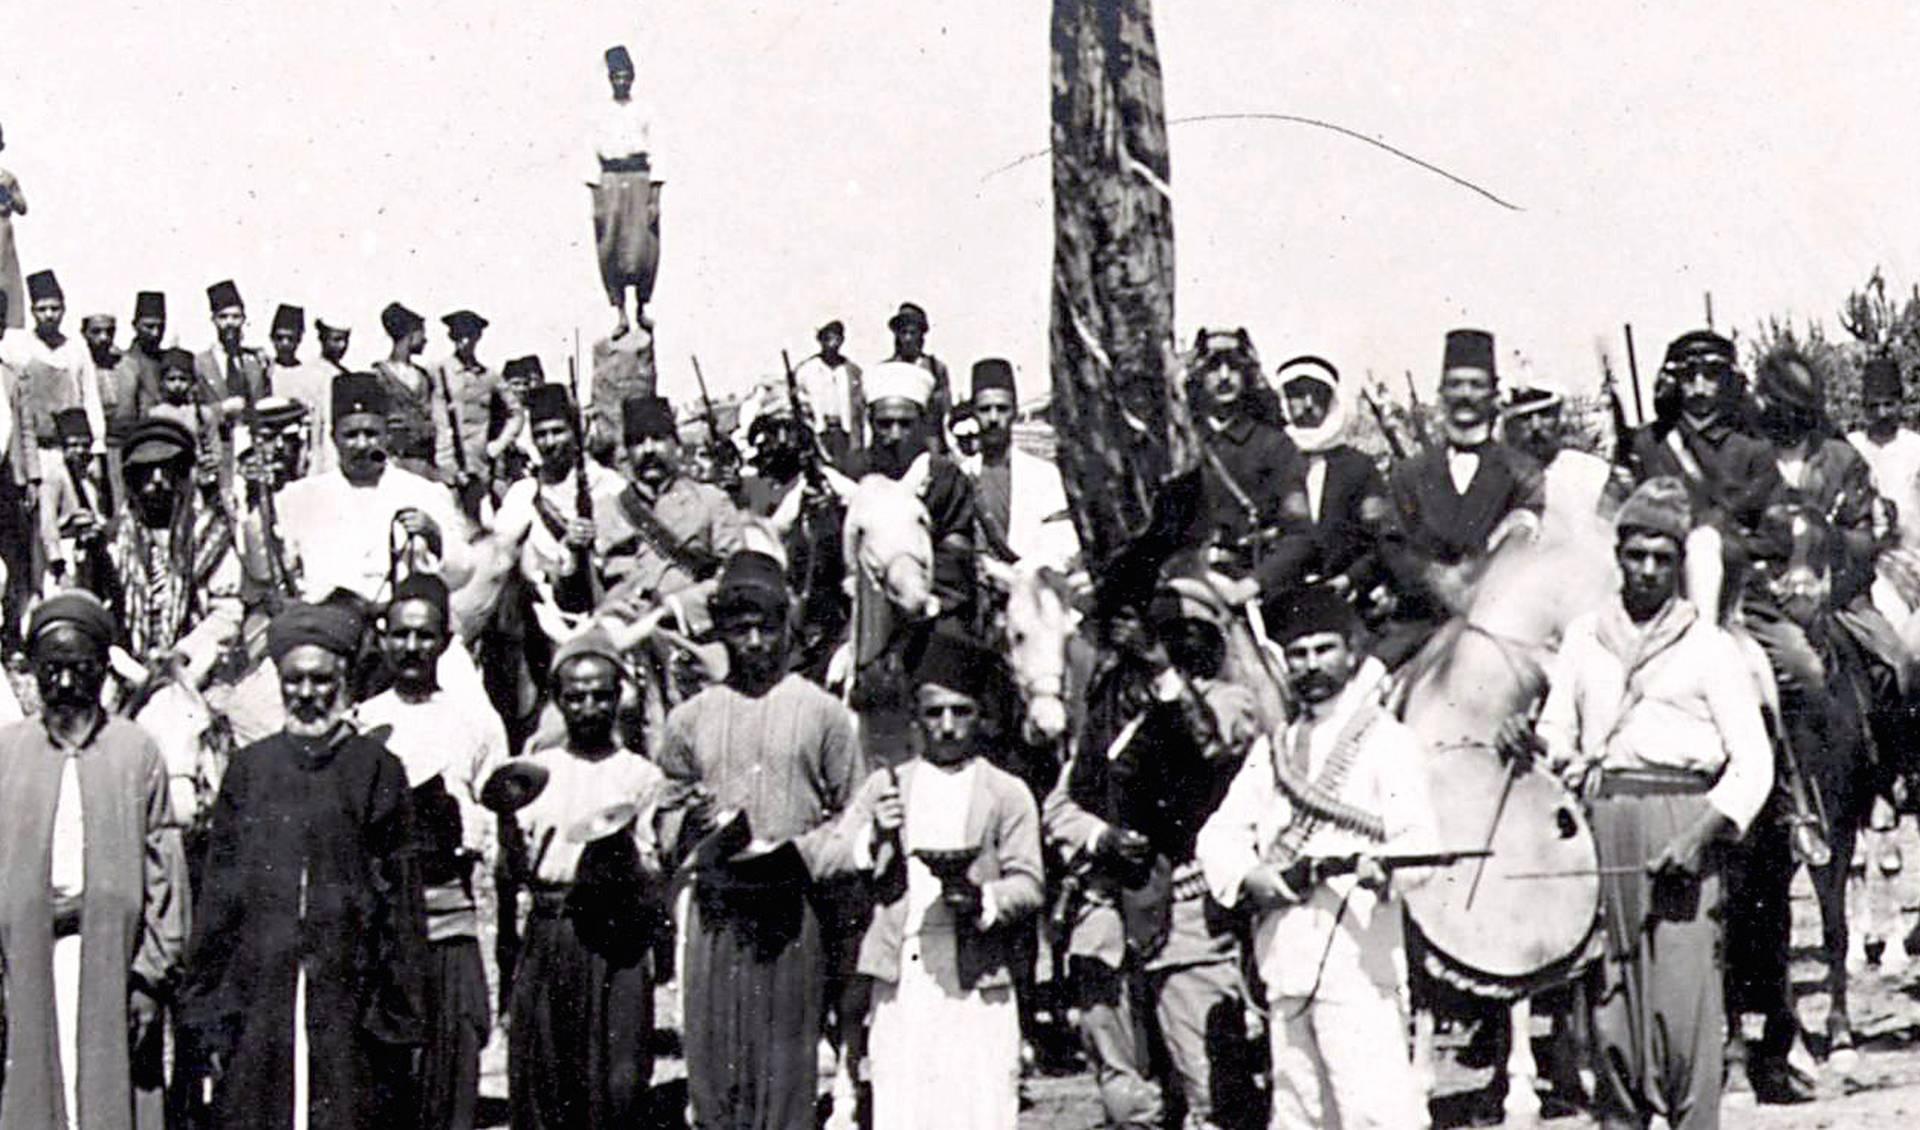 FELJTON Povijesni uzroci uspona islamizma